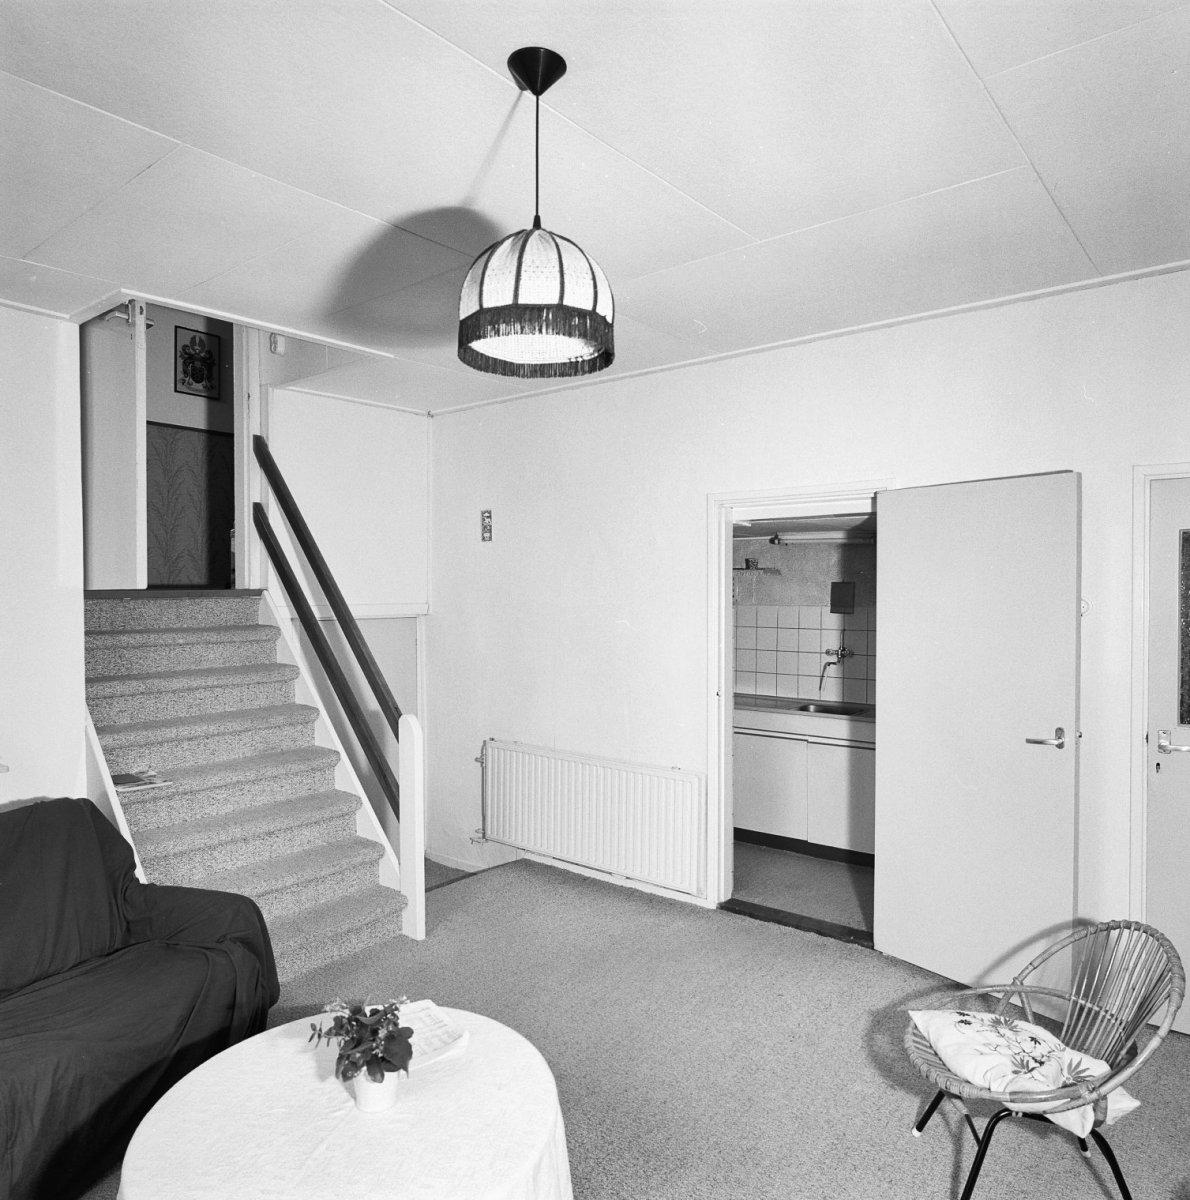 Decor keukenkast inrichten - Decoratie woonkamer met open keuken ...